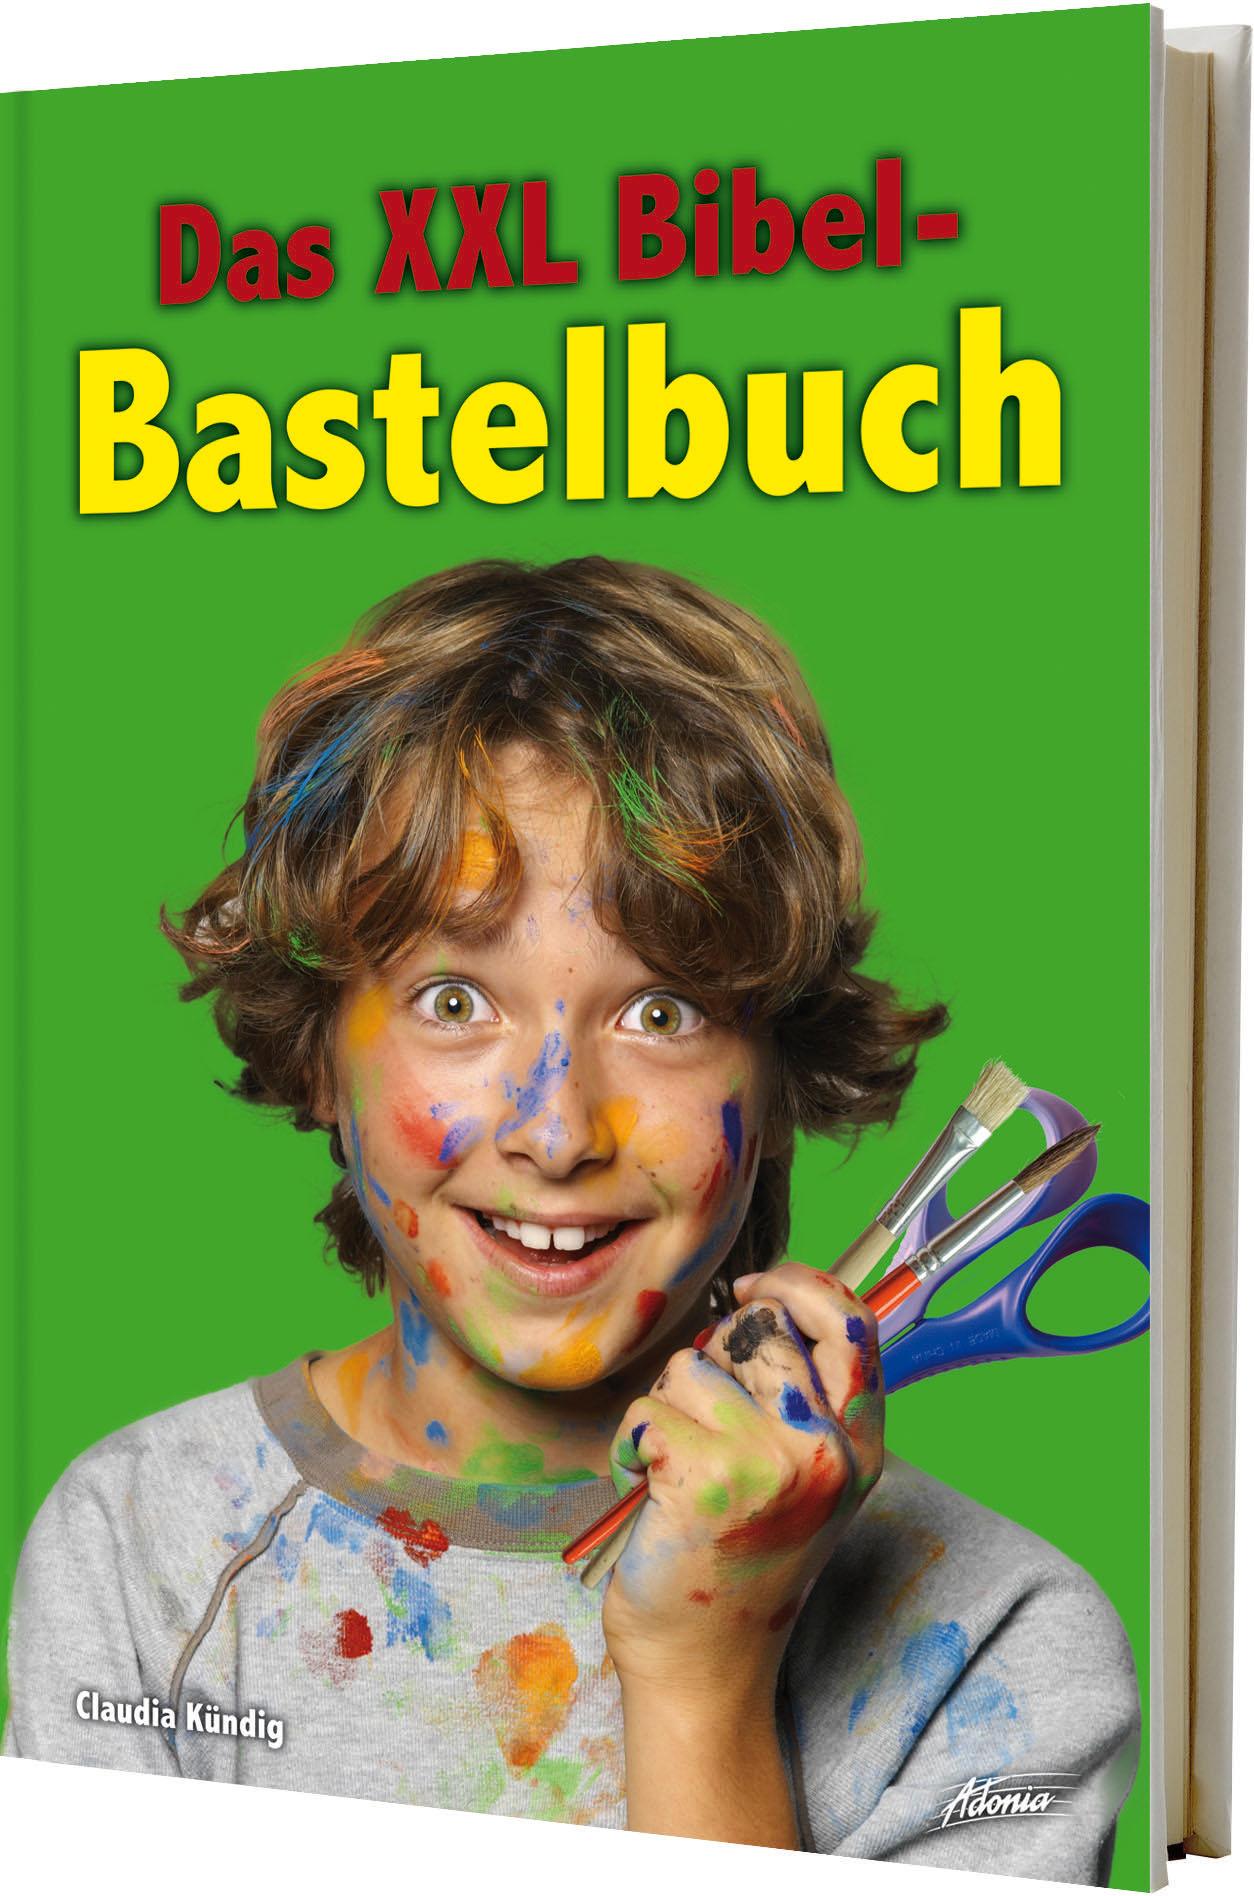 Bastelbuch XXL